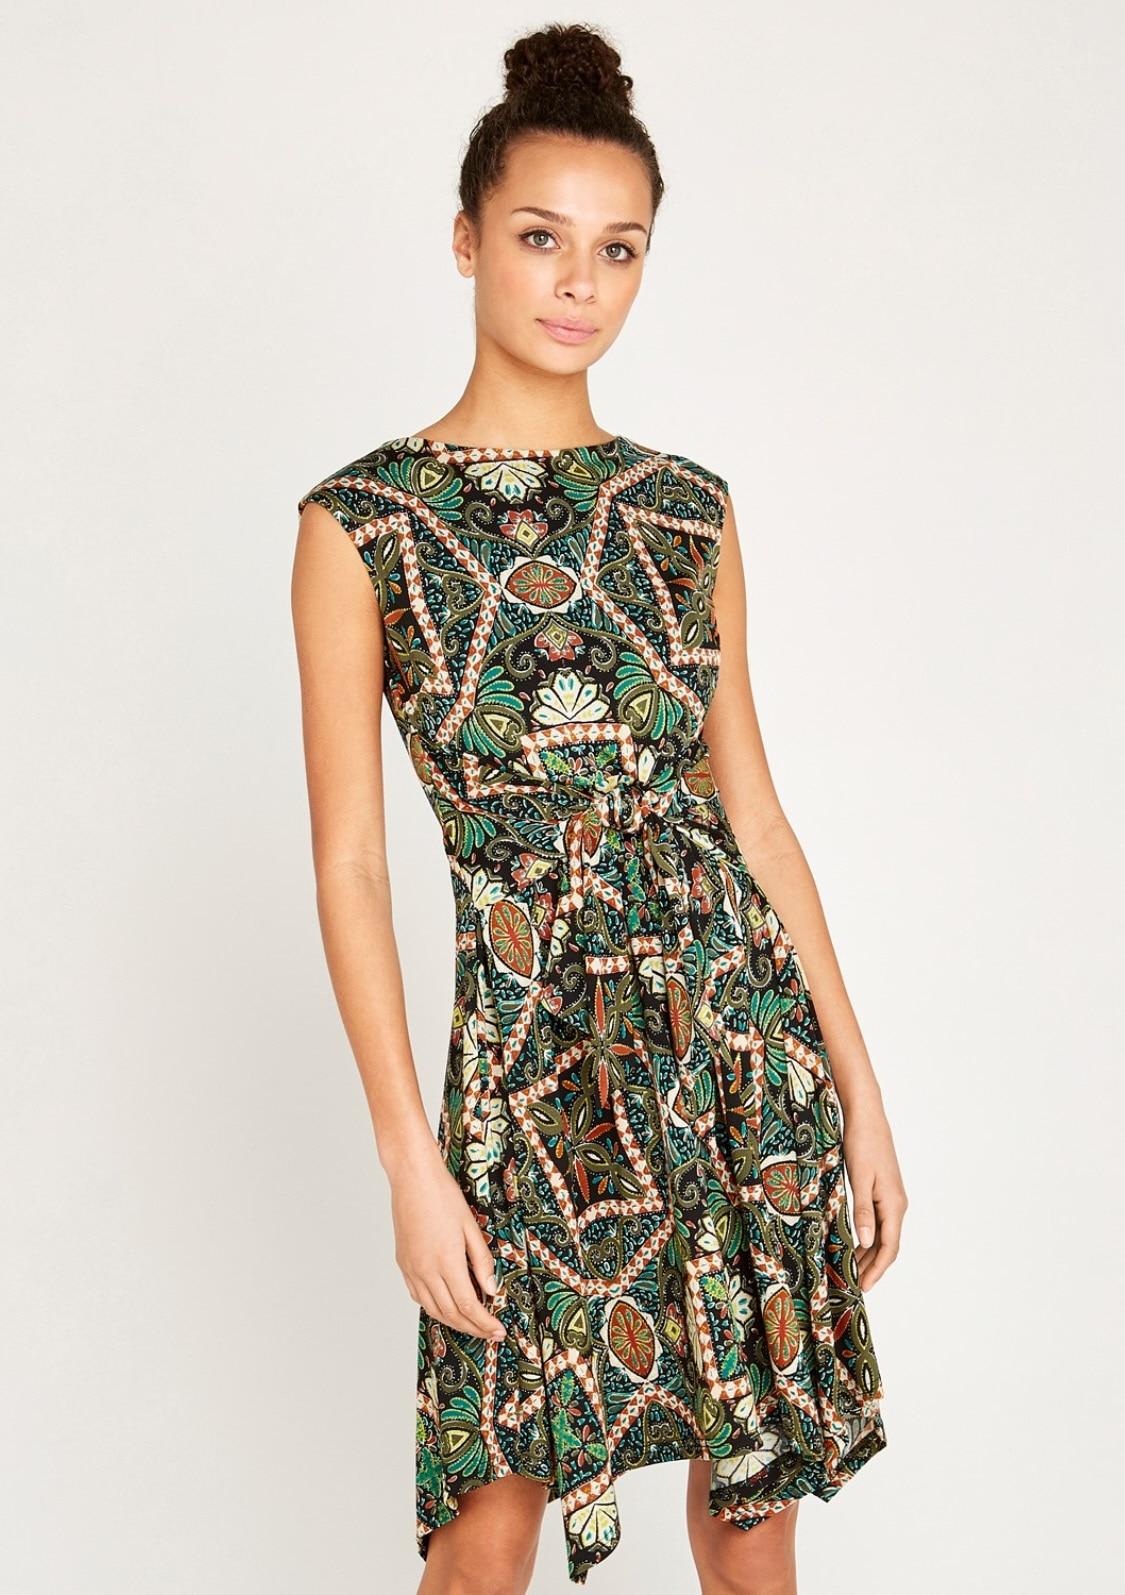 Image of Apricot Druckkleid »African Tile Hankyhem Dress«